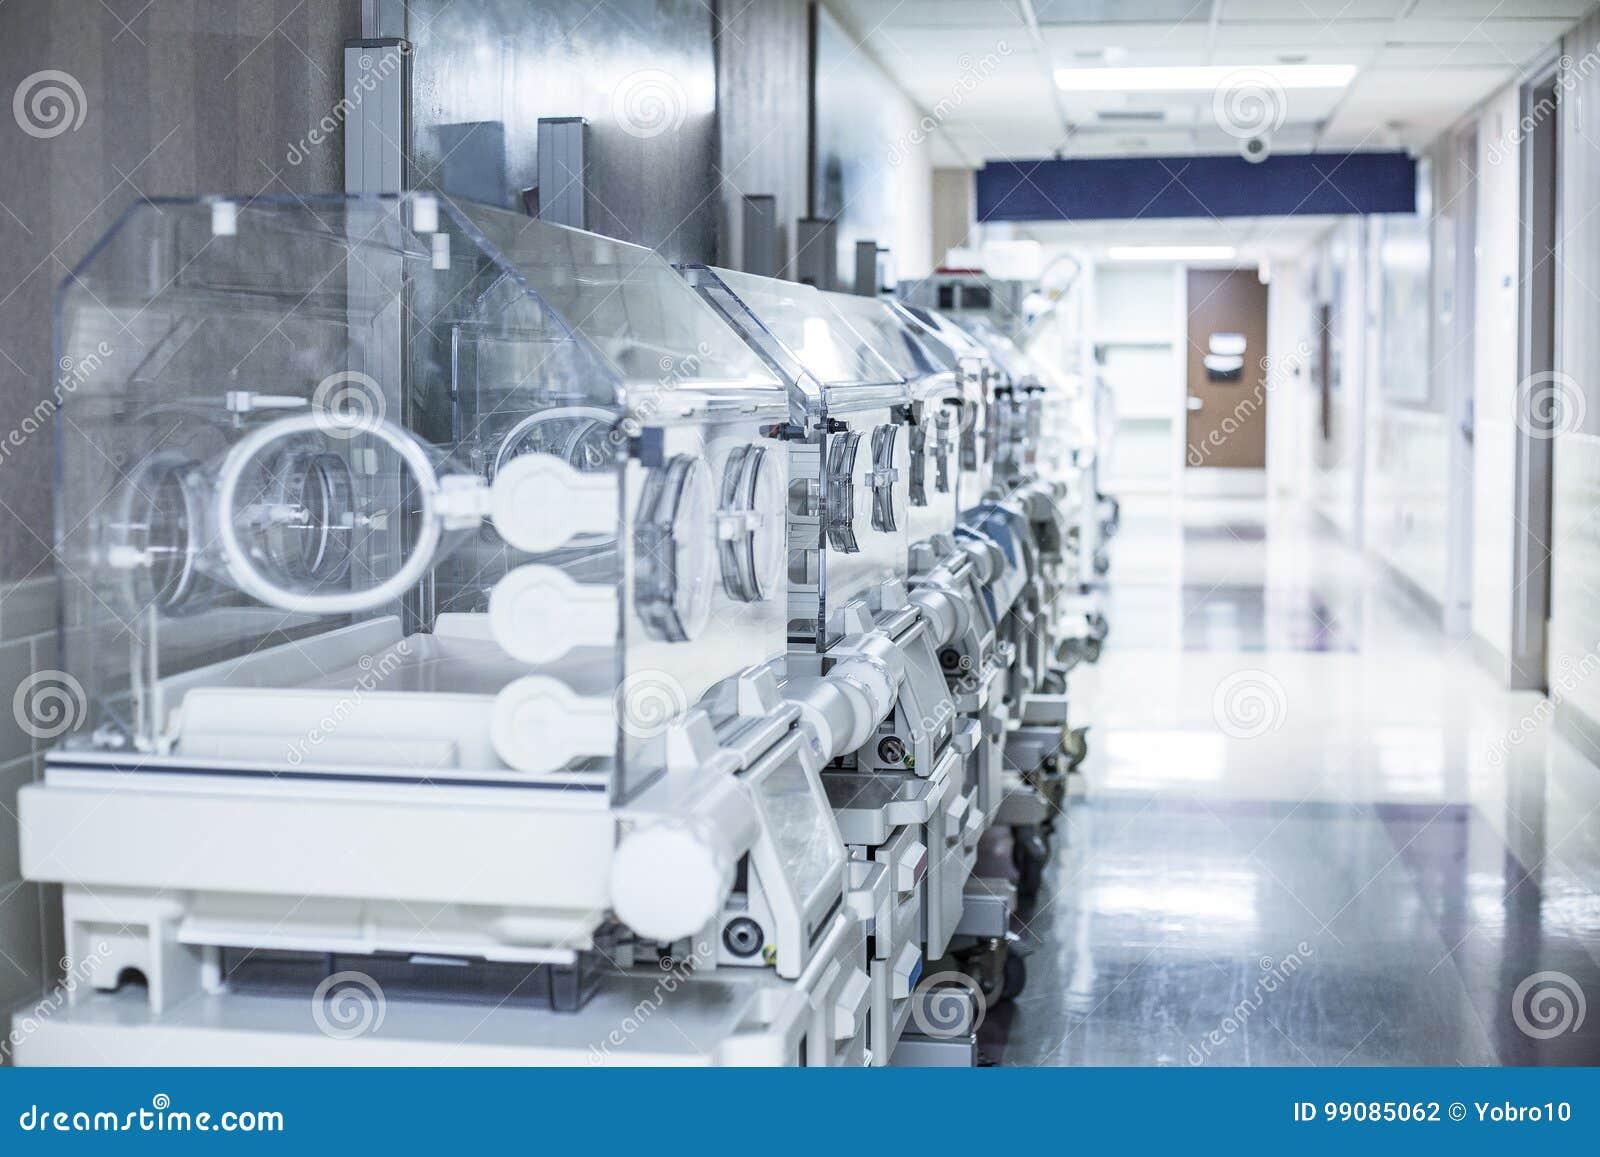 Boîtes d incubateur de nourrisson nouveau-né dans un couloir d hôpital